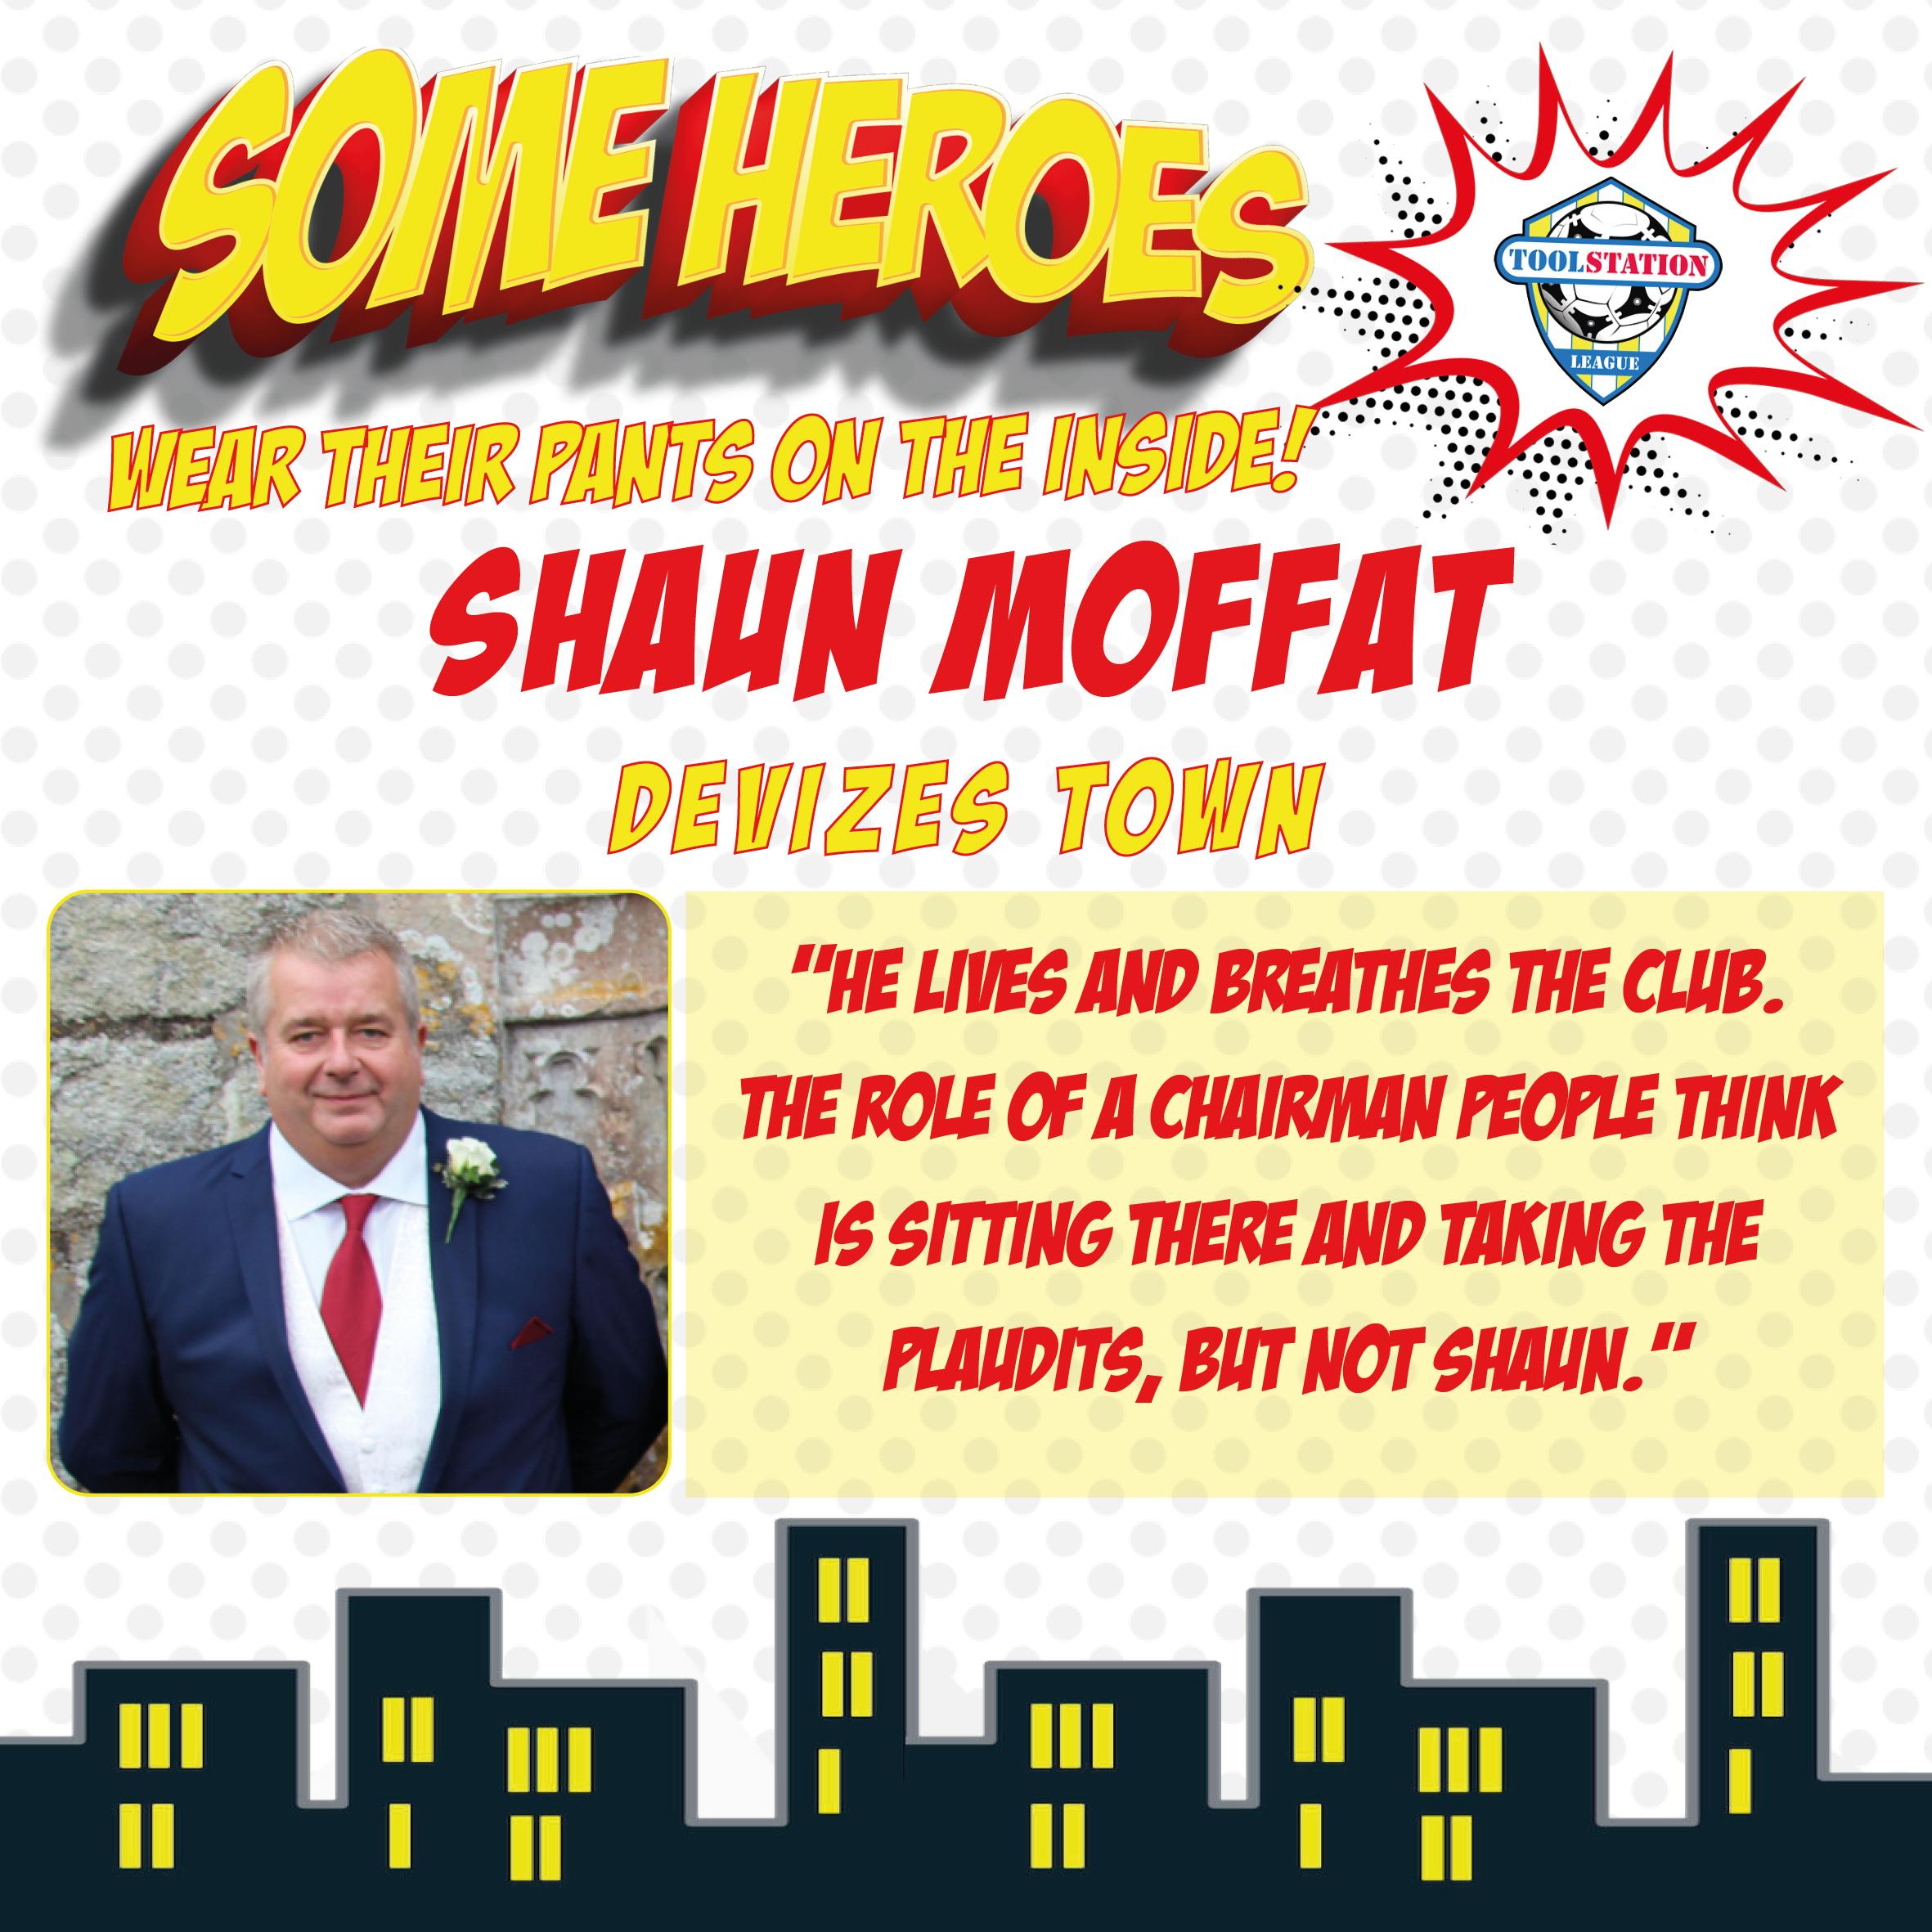 Shaun Moffat